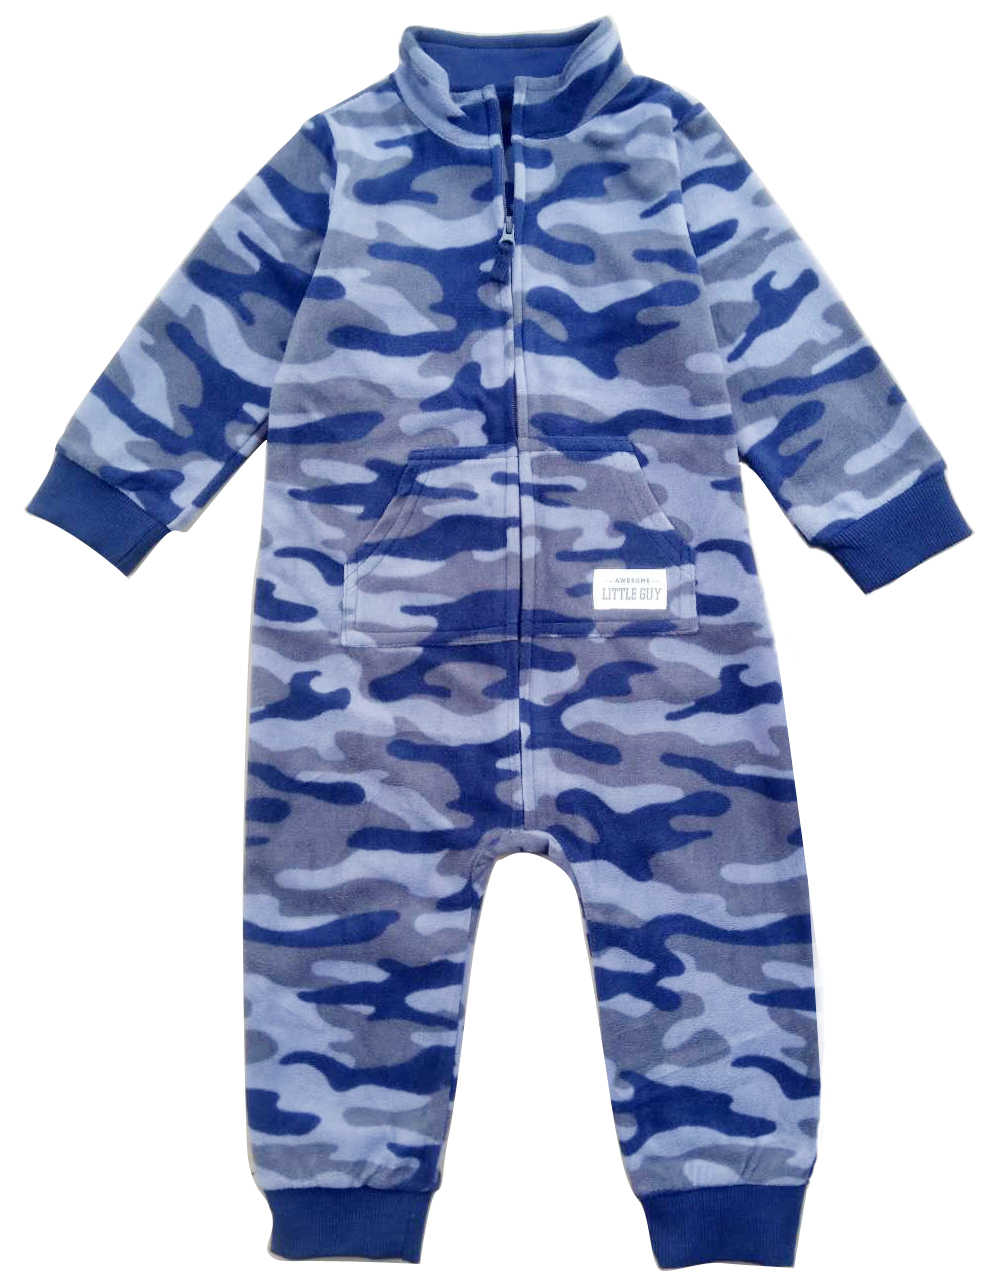 Одежда для малышей, флисовый комбинезон, одежда для мальчиков, верхняя одежда для маленьких мальчиков, камуфляжный комбинезон на молнии, Bebe, весенне-зимняя теплая одежда